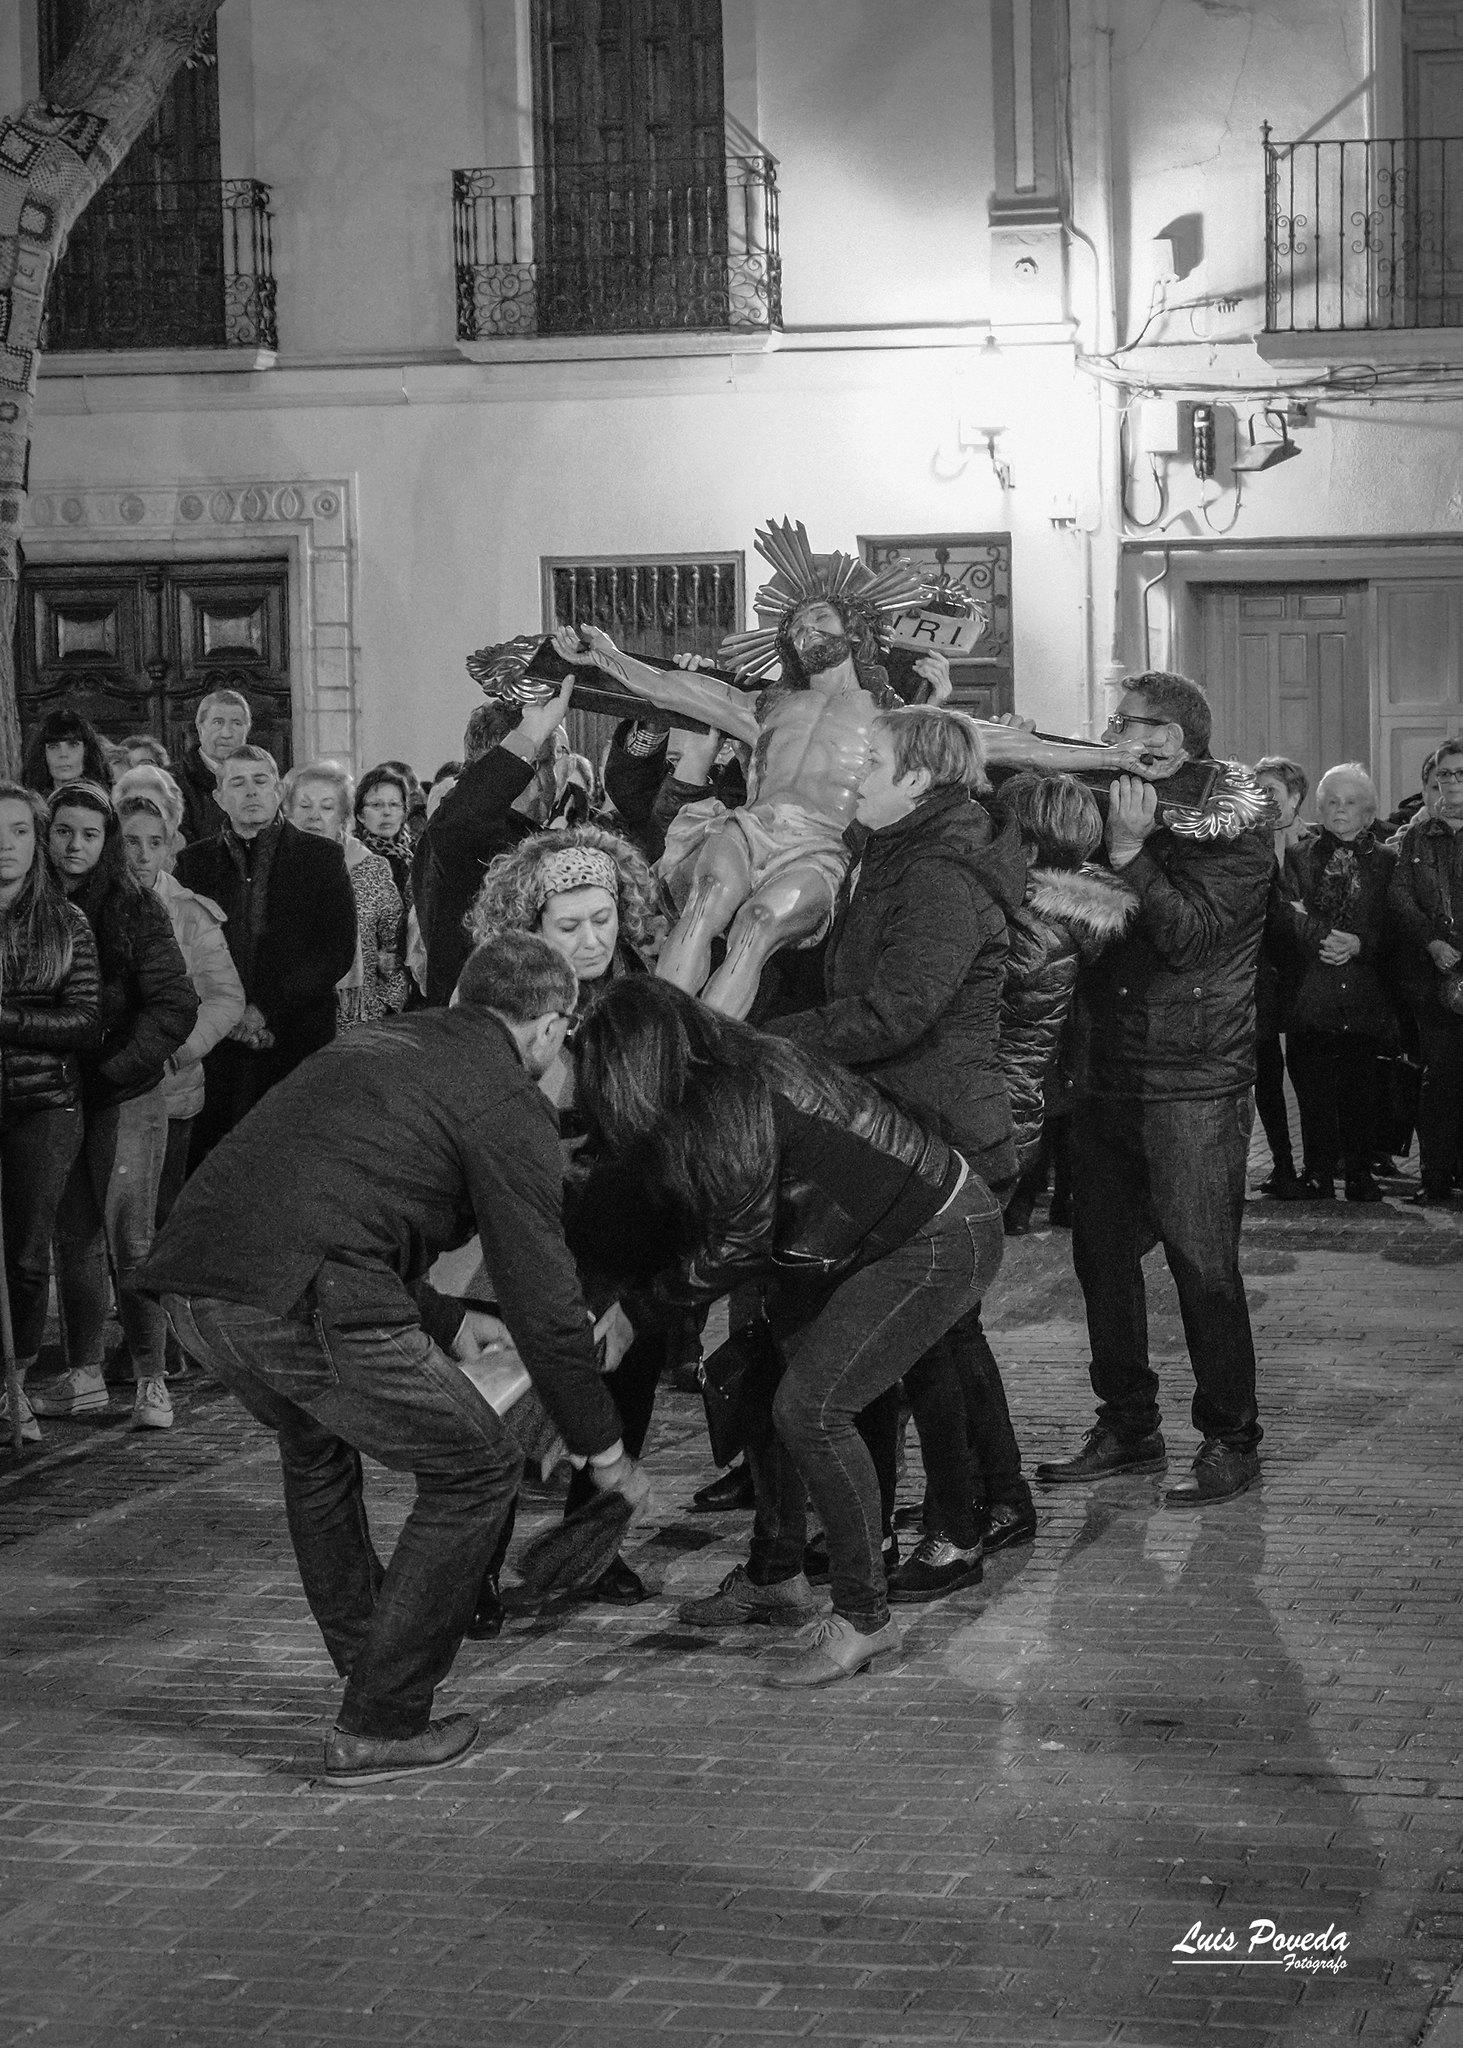 (2019-04-12) - X Vía Crucis nocturno - Luis Poveda Galiano (22)